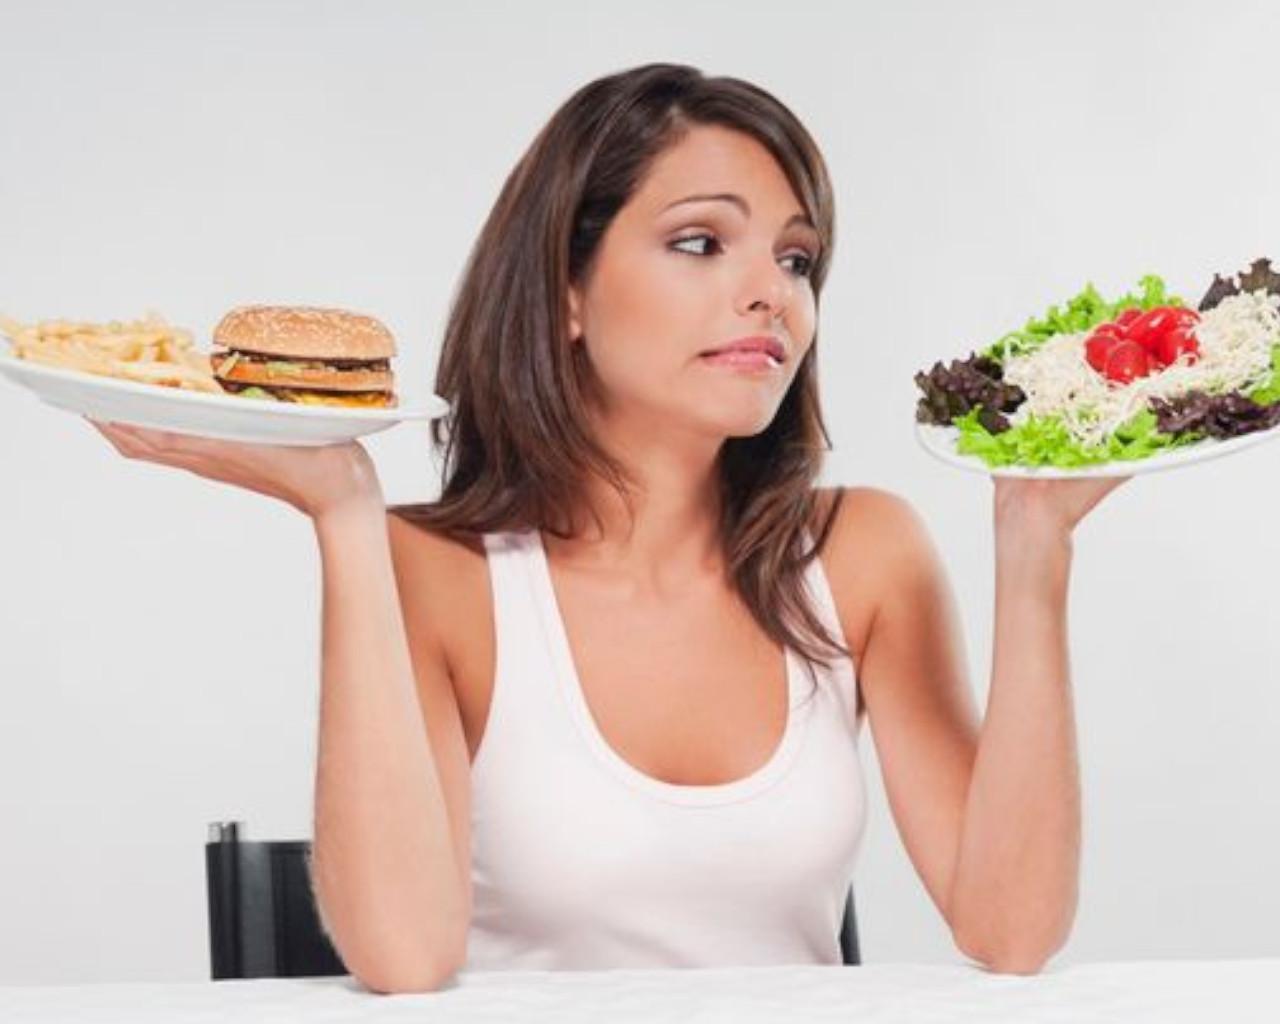 συστατικα τροφιμων,βασικα συστατικα τροφιμων,ανοργανα συστατικα τροφιμων,επικινδυνα συστατικα τροφιμων,πολυσονσ συστατικα τροφιμων ε.π.ε,θρεπτικα συστατικα τροφιμων πινακας